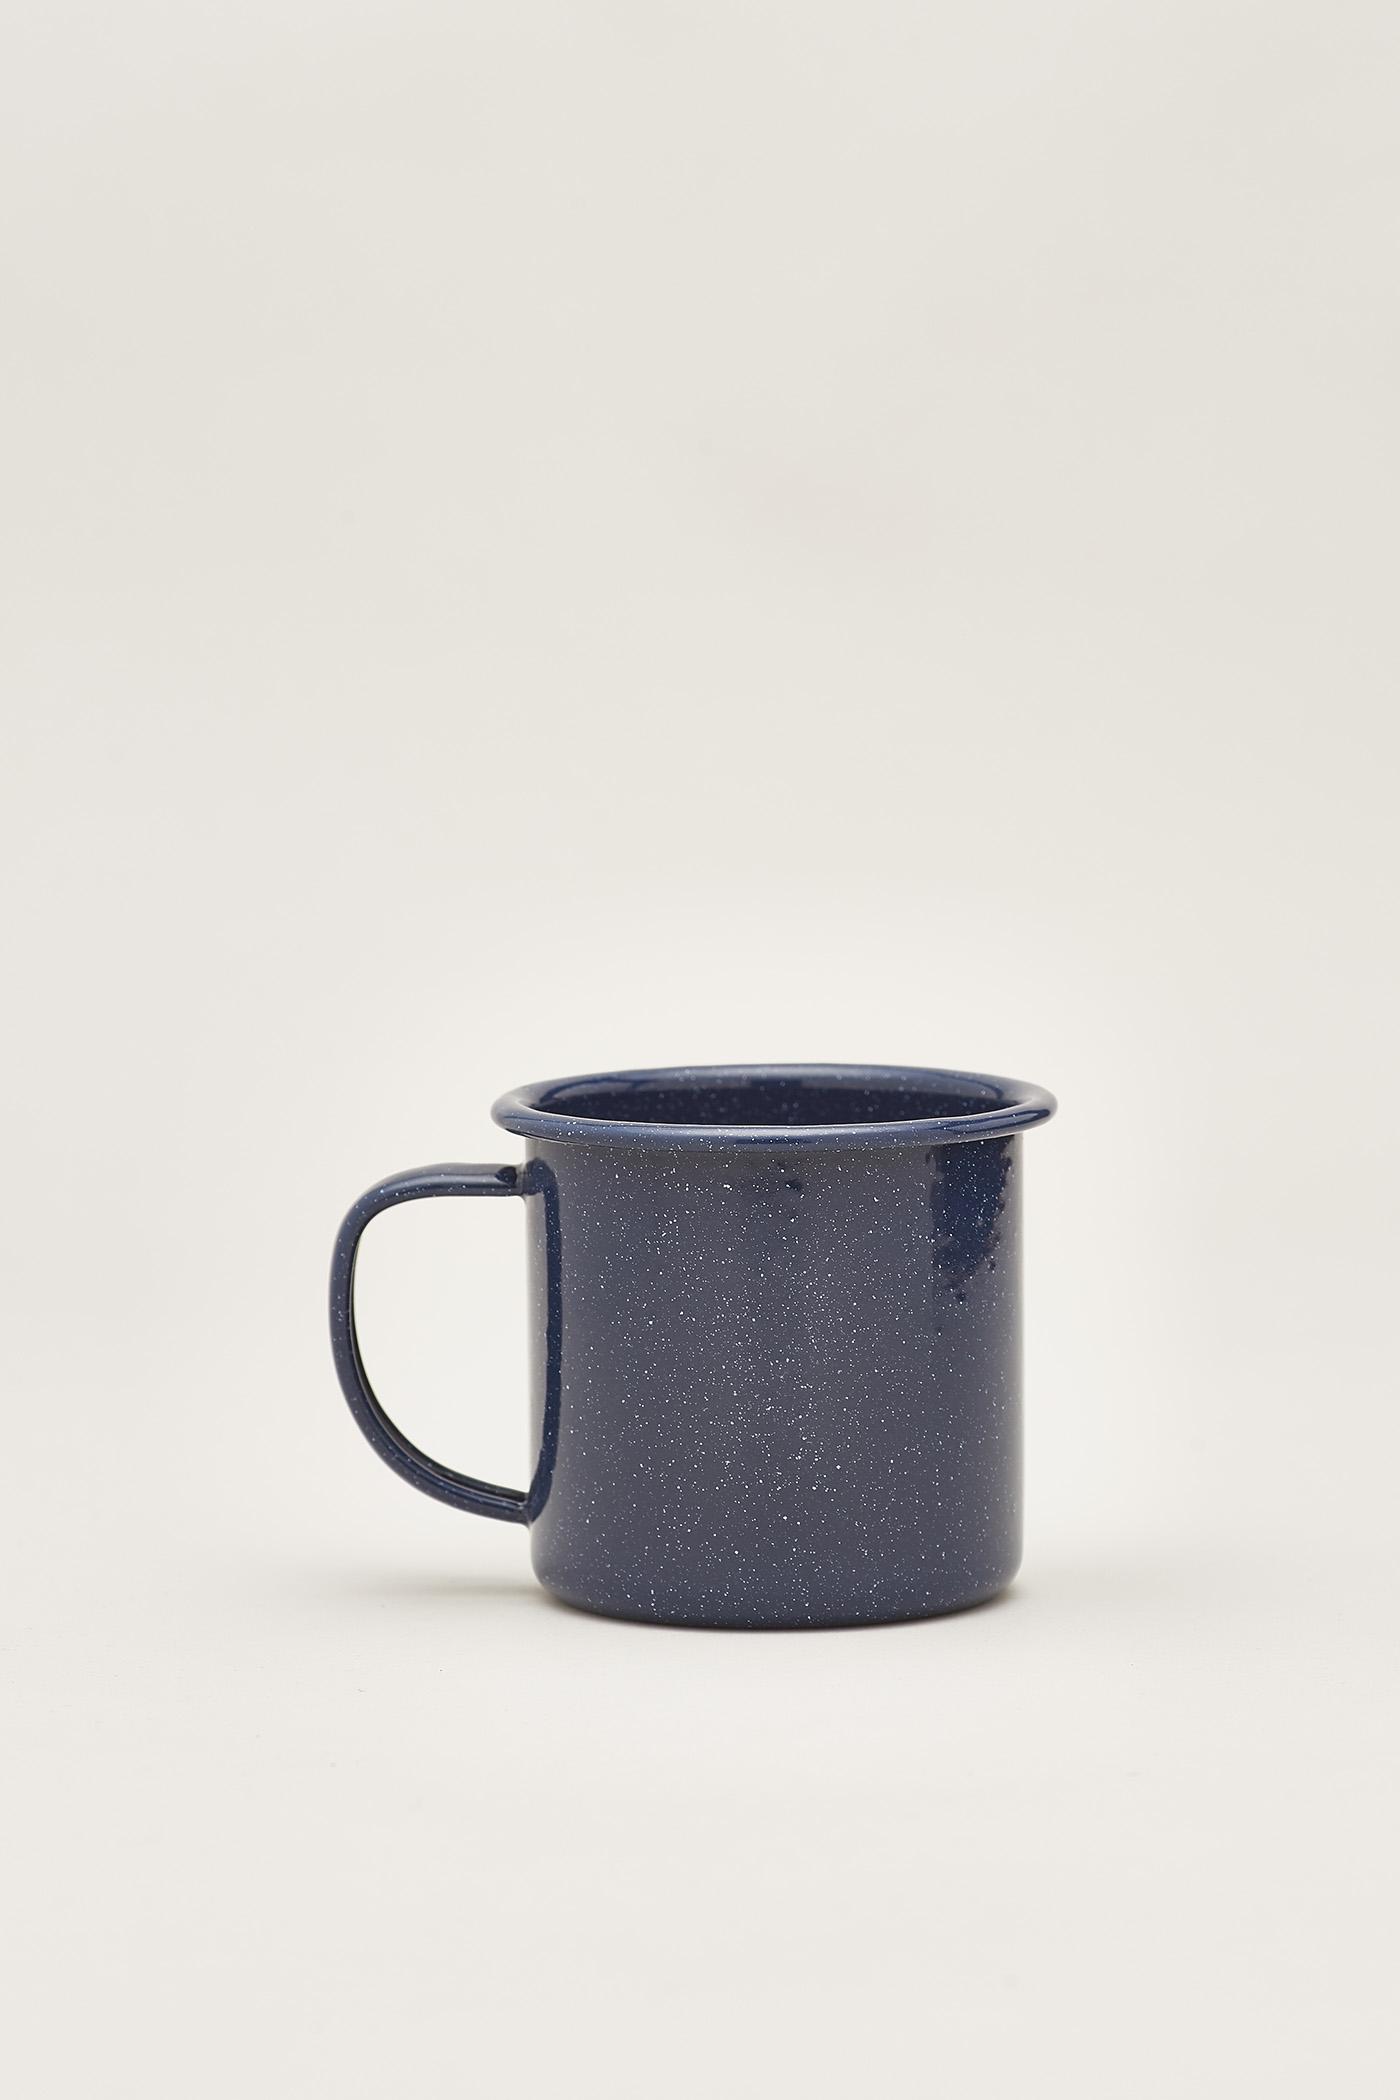 Crow Canyon Home Mug